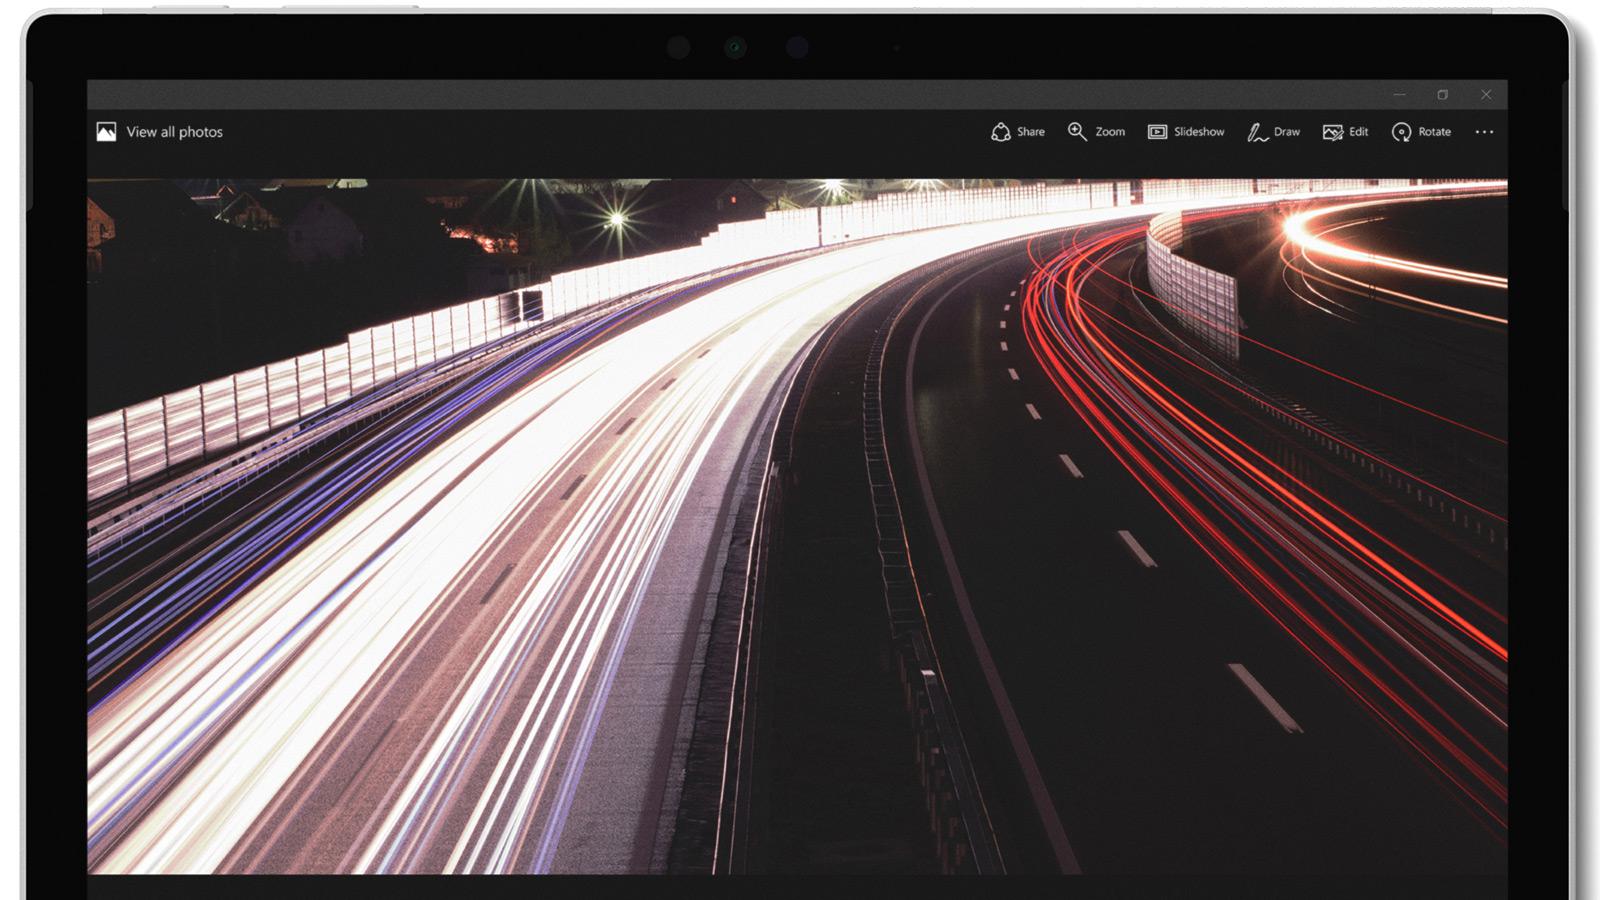 """Surface Pro com Ecrã PixelSense™ de 12,3"""" com cores brilhantes e uma resolução espetacularmente nítida"""